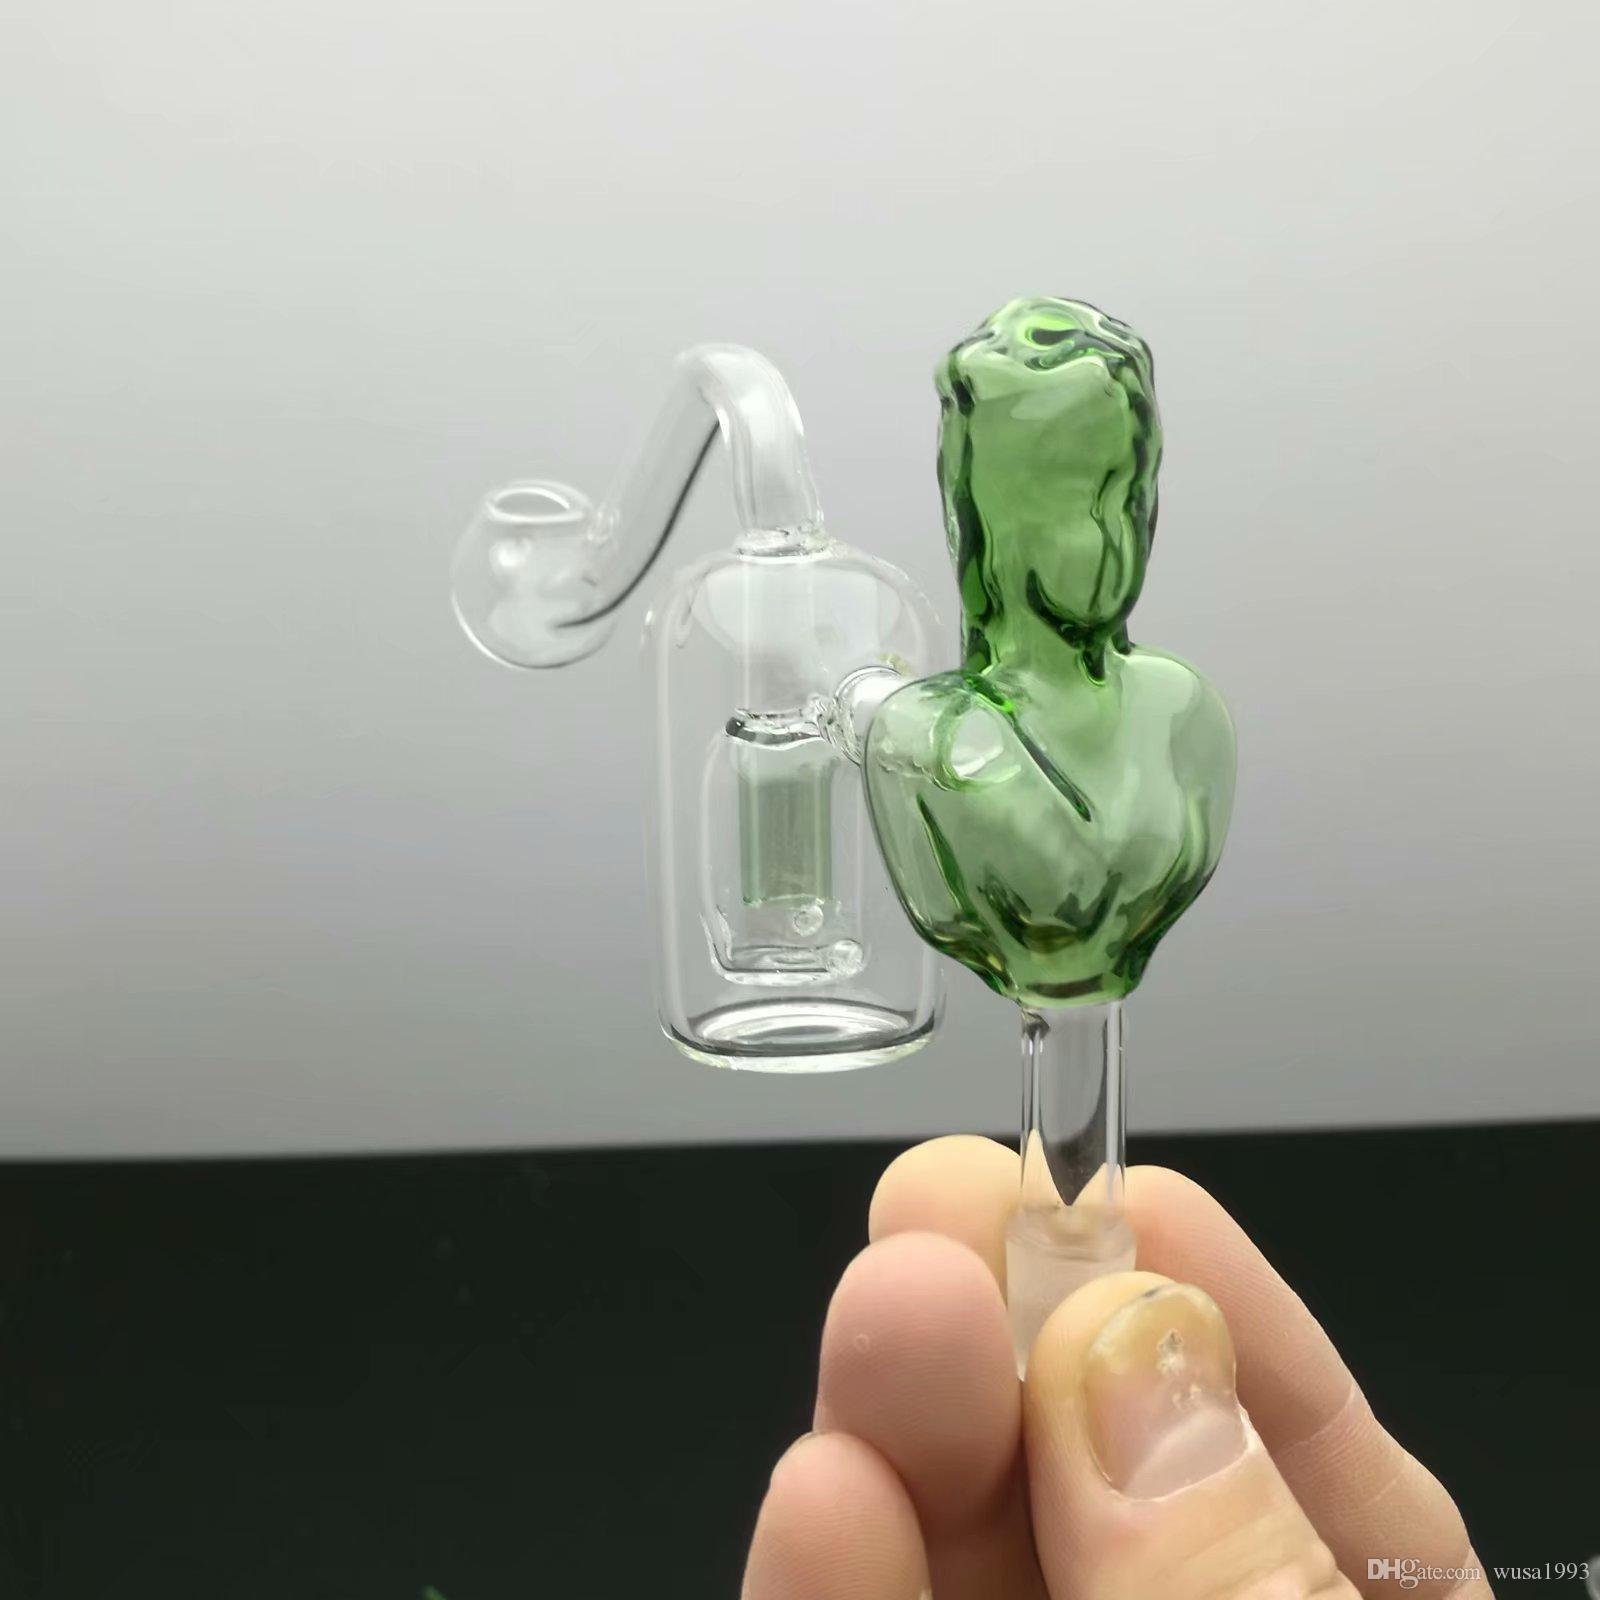 10 mm Beauté Filtre S Pot gros verre Narguilé, verre pipe à eau Raccords, Fumer, libre Shippin